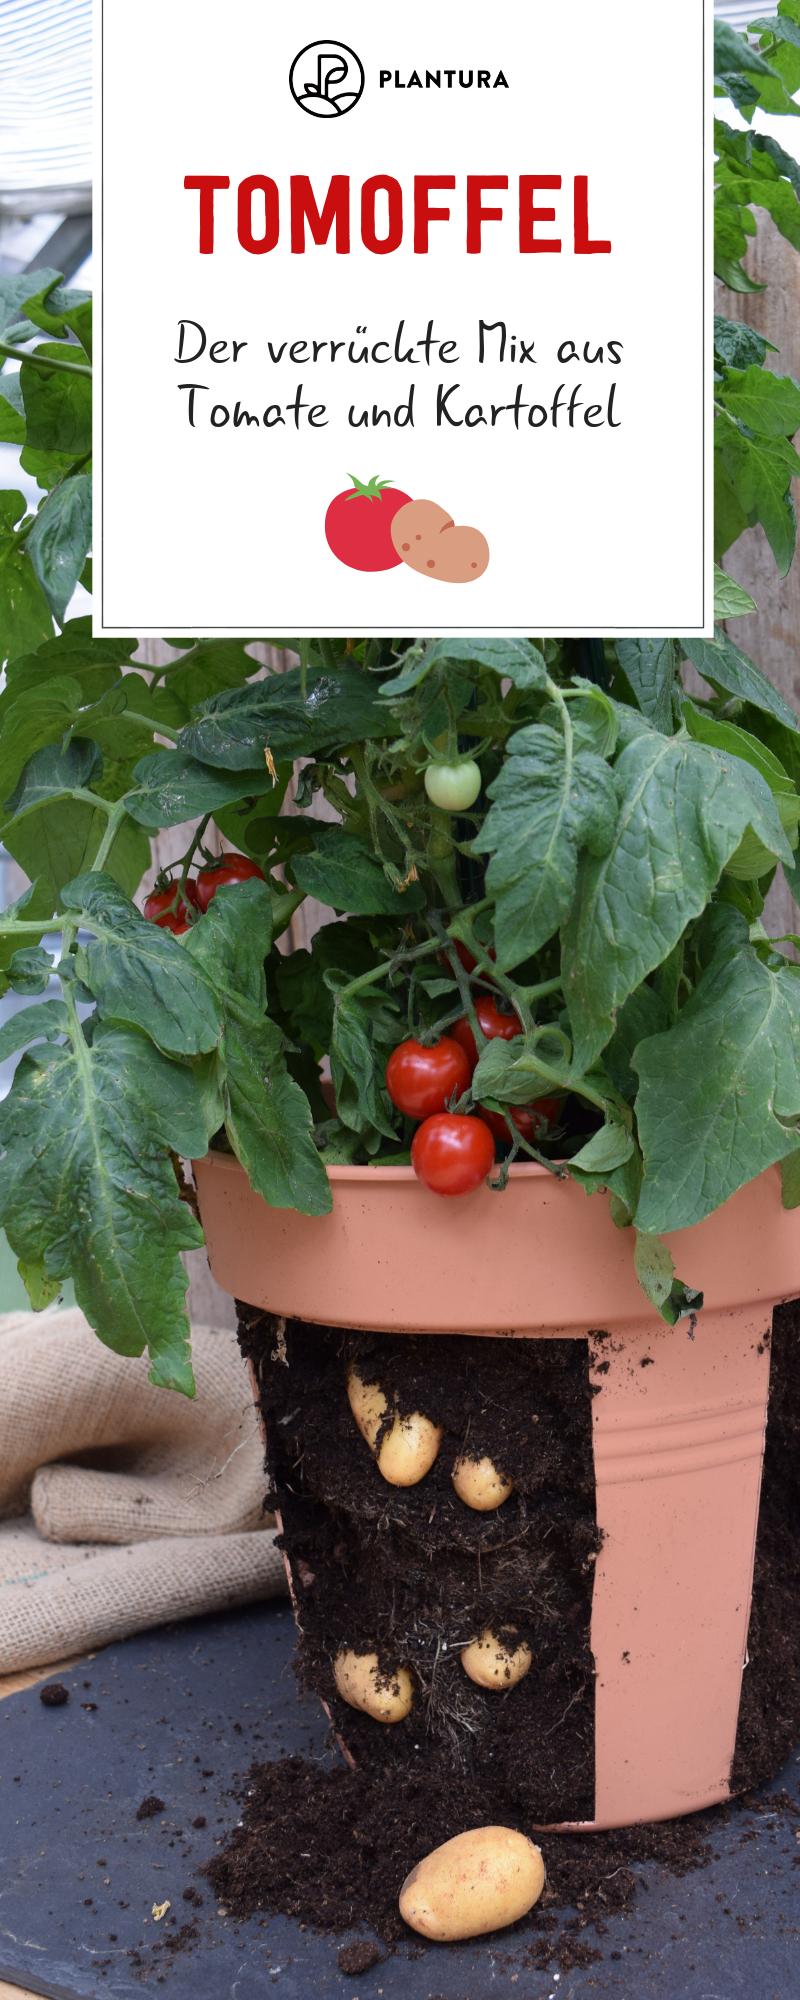 Tomoffel Tomaten Auf Kartoffeln Veredeln Video Anleitung Tomaten Pflanzen Kartoffeln Pflanzen Und Tomaten